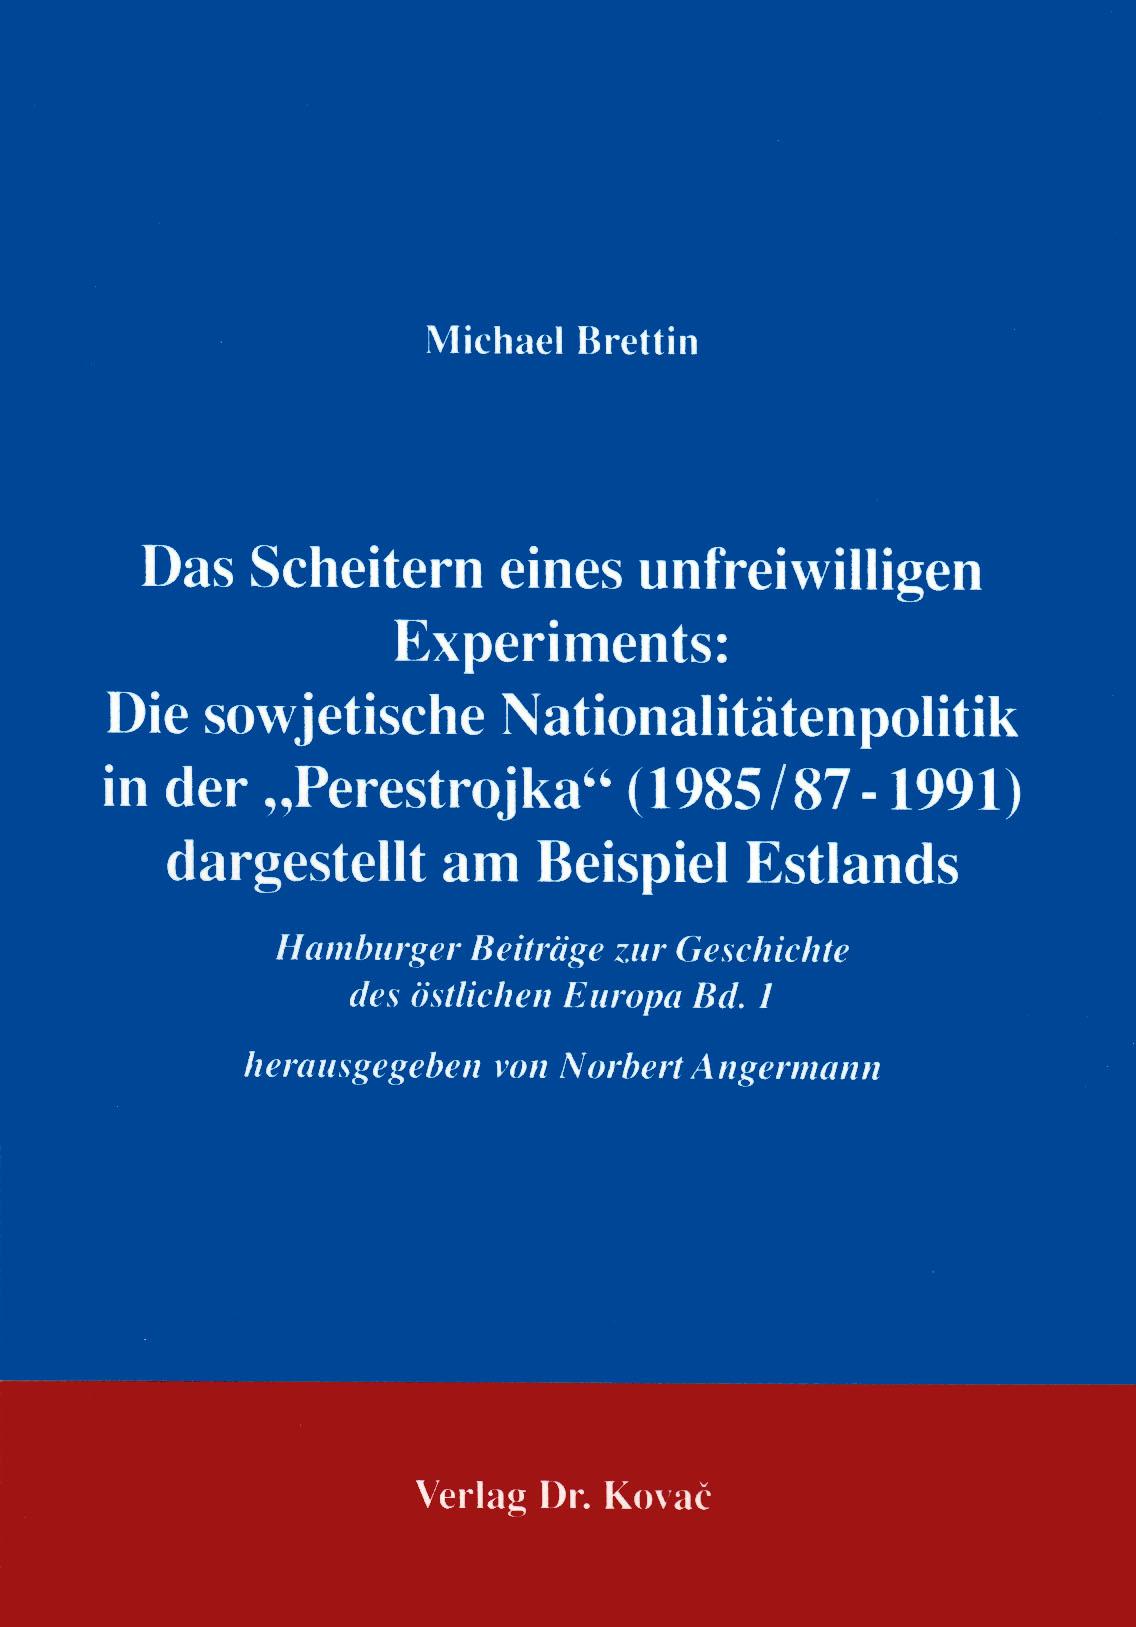 """Cover: Das Scheitern eines unfreiwilligen Experiments: Die sowjetische Nationalitätenpolitik in der """"Perestrojka"""" (1985/87 - 1991) dargestellt am Beispiel Estlands"""